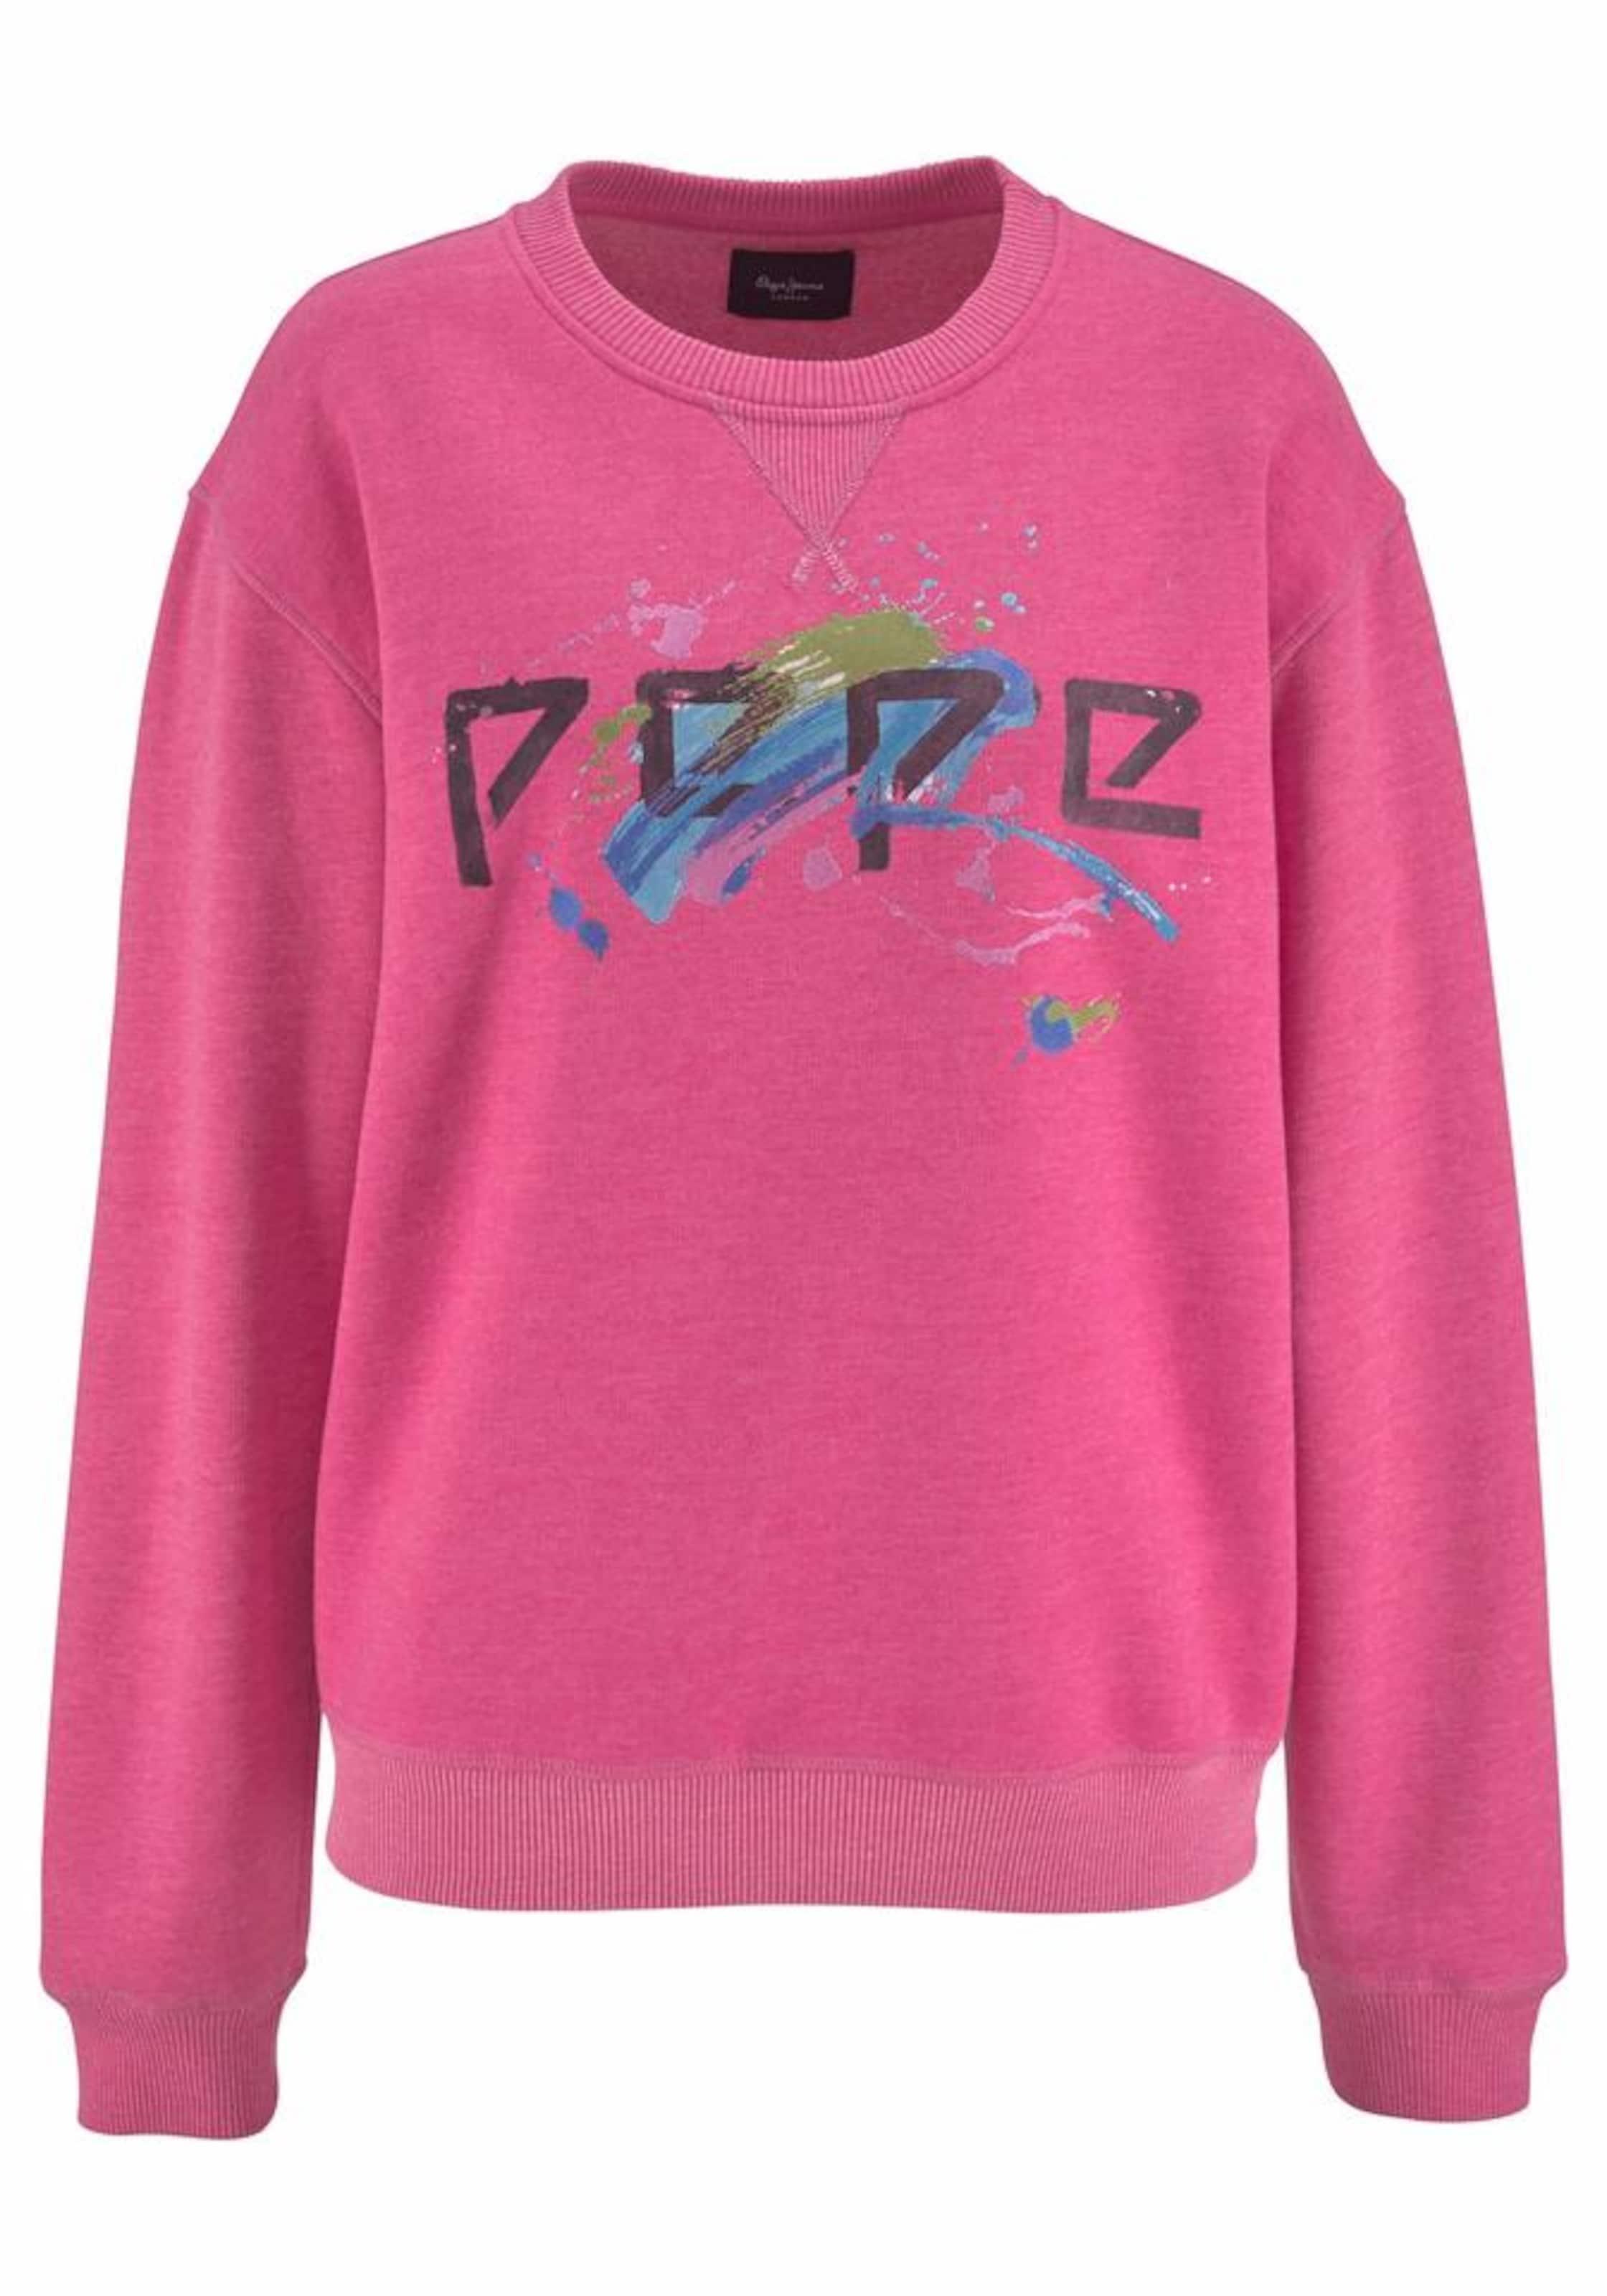 Spielraum Zuverlässig Pepe Jeans Sweatshirt 'FIONA' Angebote Zum Verkauf Freies Verschiffen Wählen Eine Beste eD7DDP